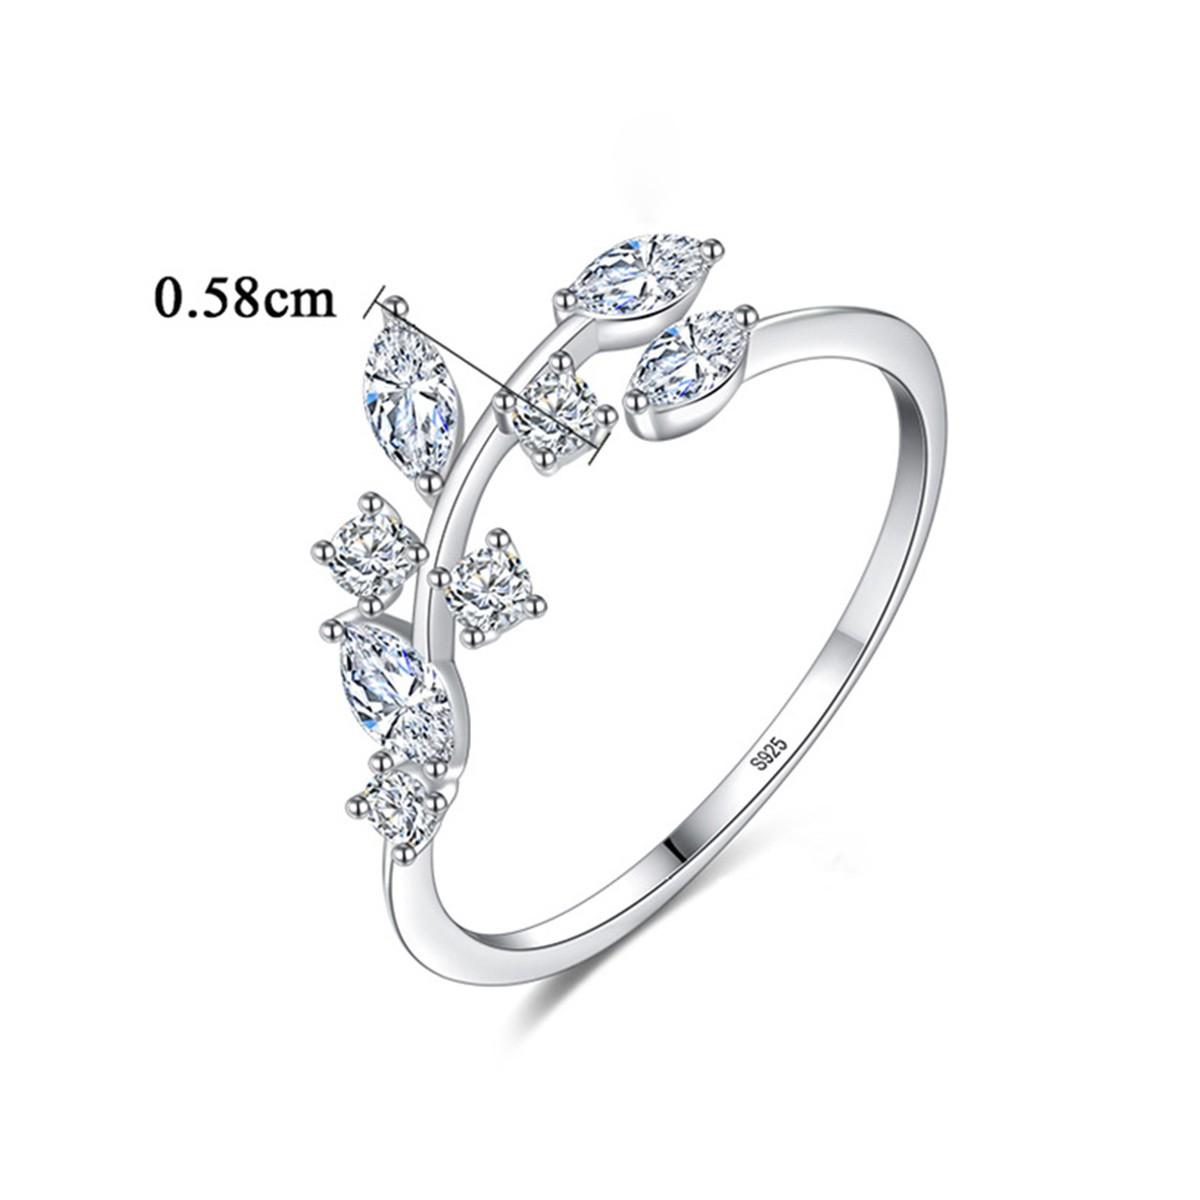 Cz Engagement Rings Vine Leaves Design